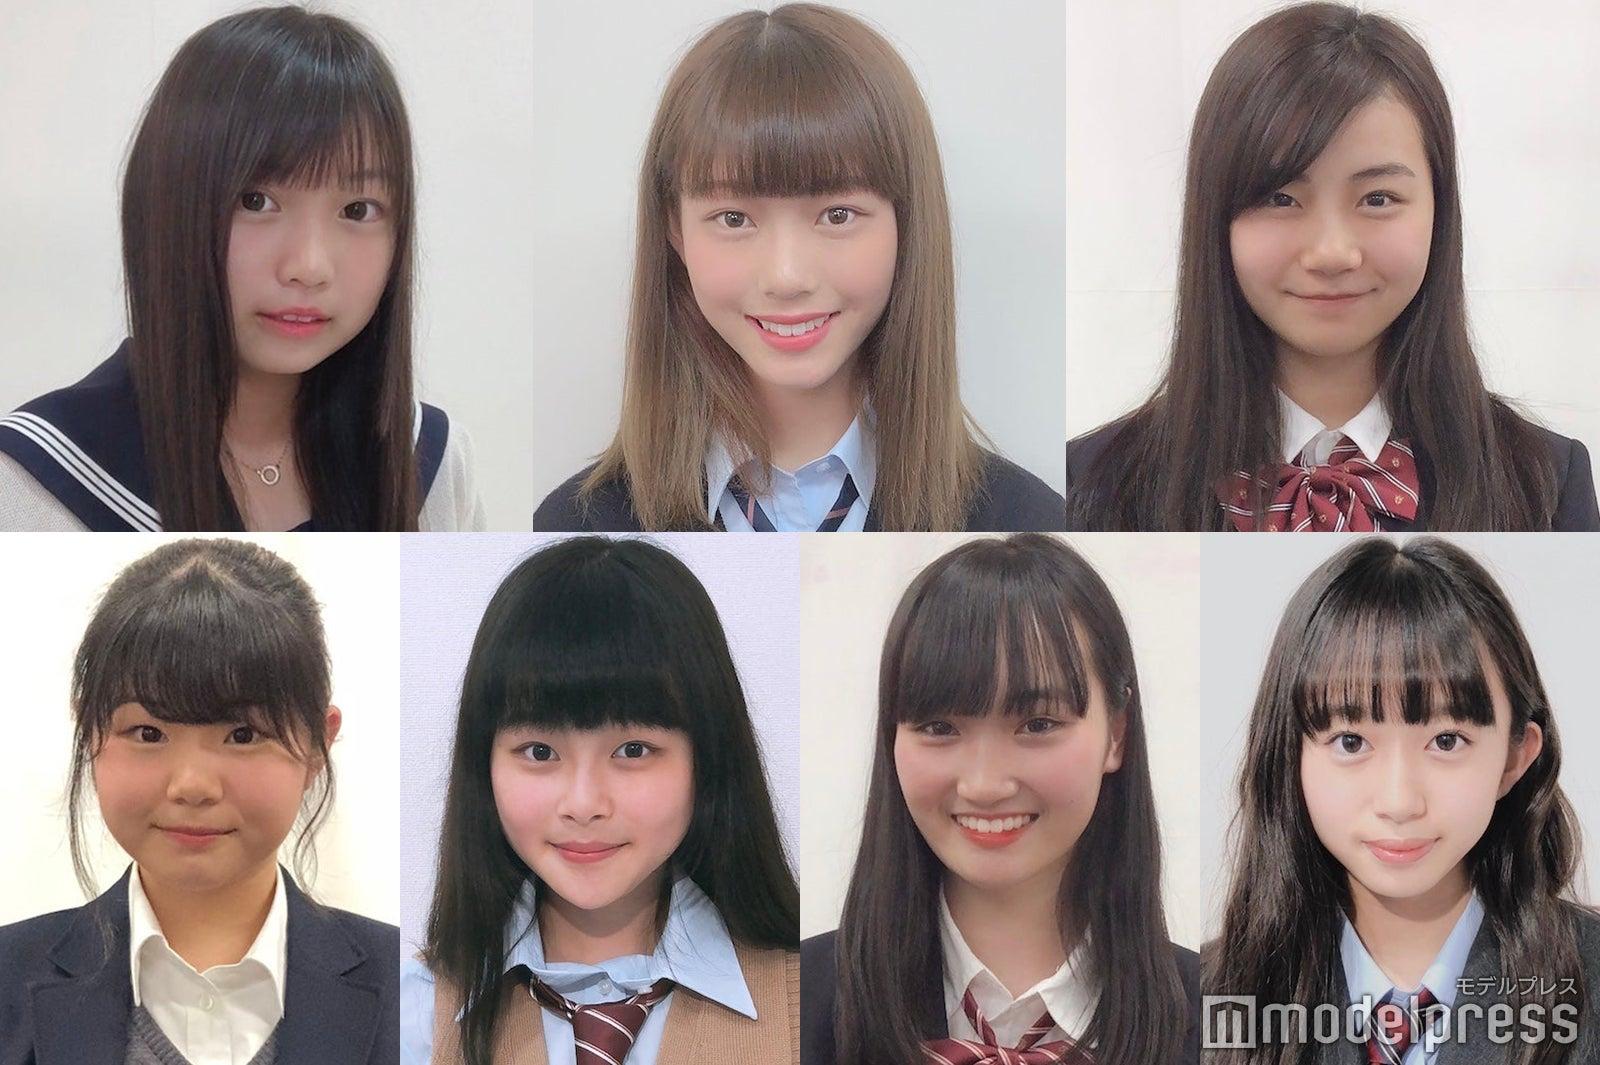 【速報】日本一かわいい高校一年生「高一ミスコン2019」 上位7人中間発表!